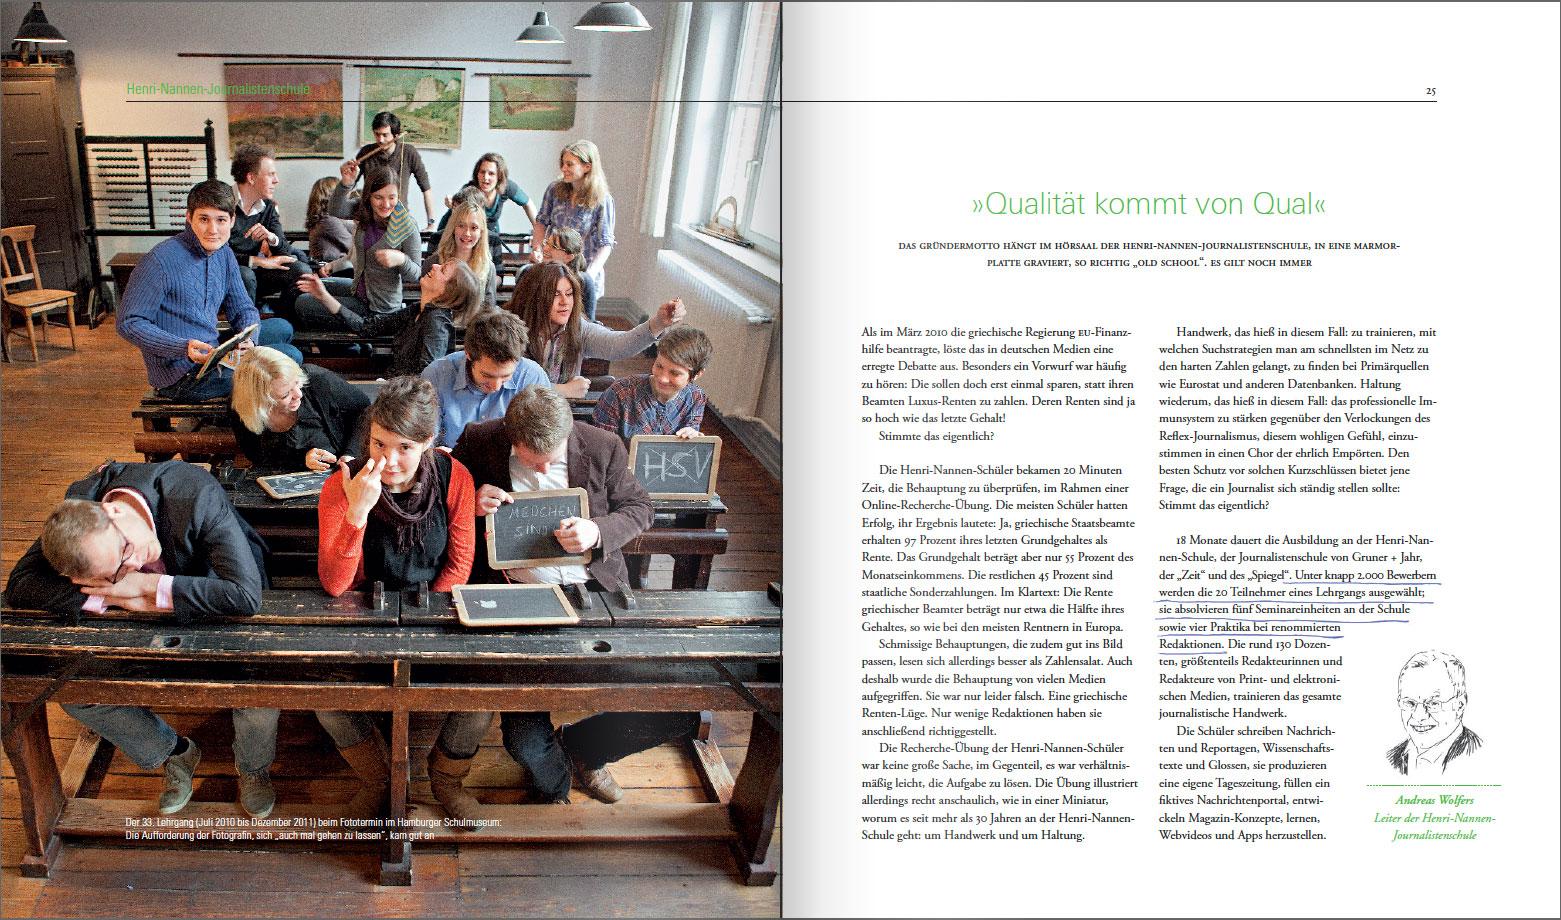 Gruner+Jahr Annual Report